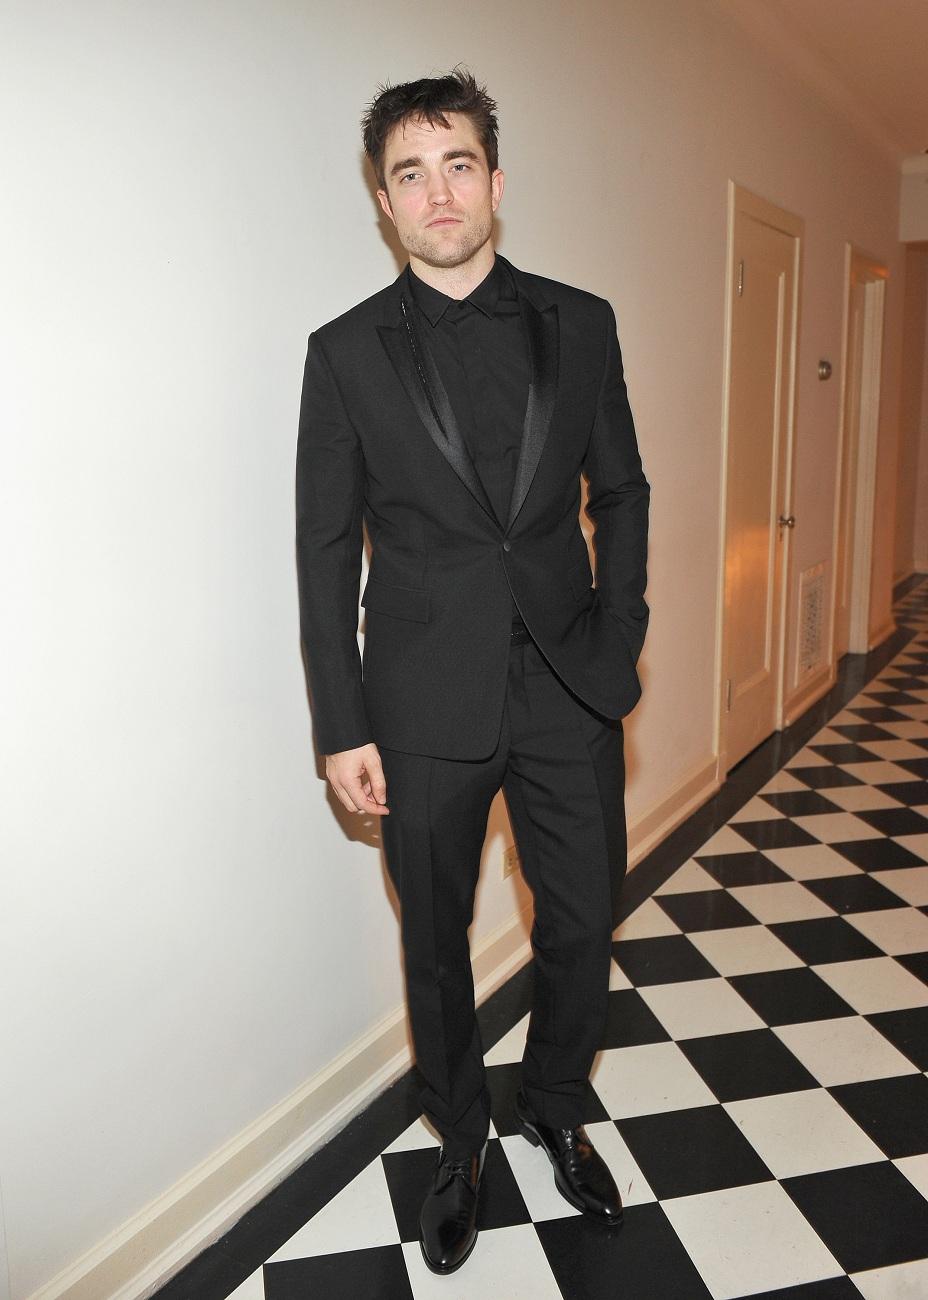 Robert Pattinson Dior Homme